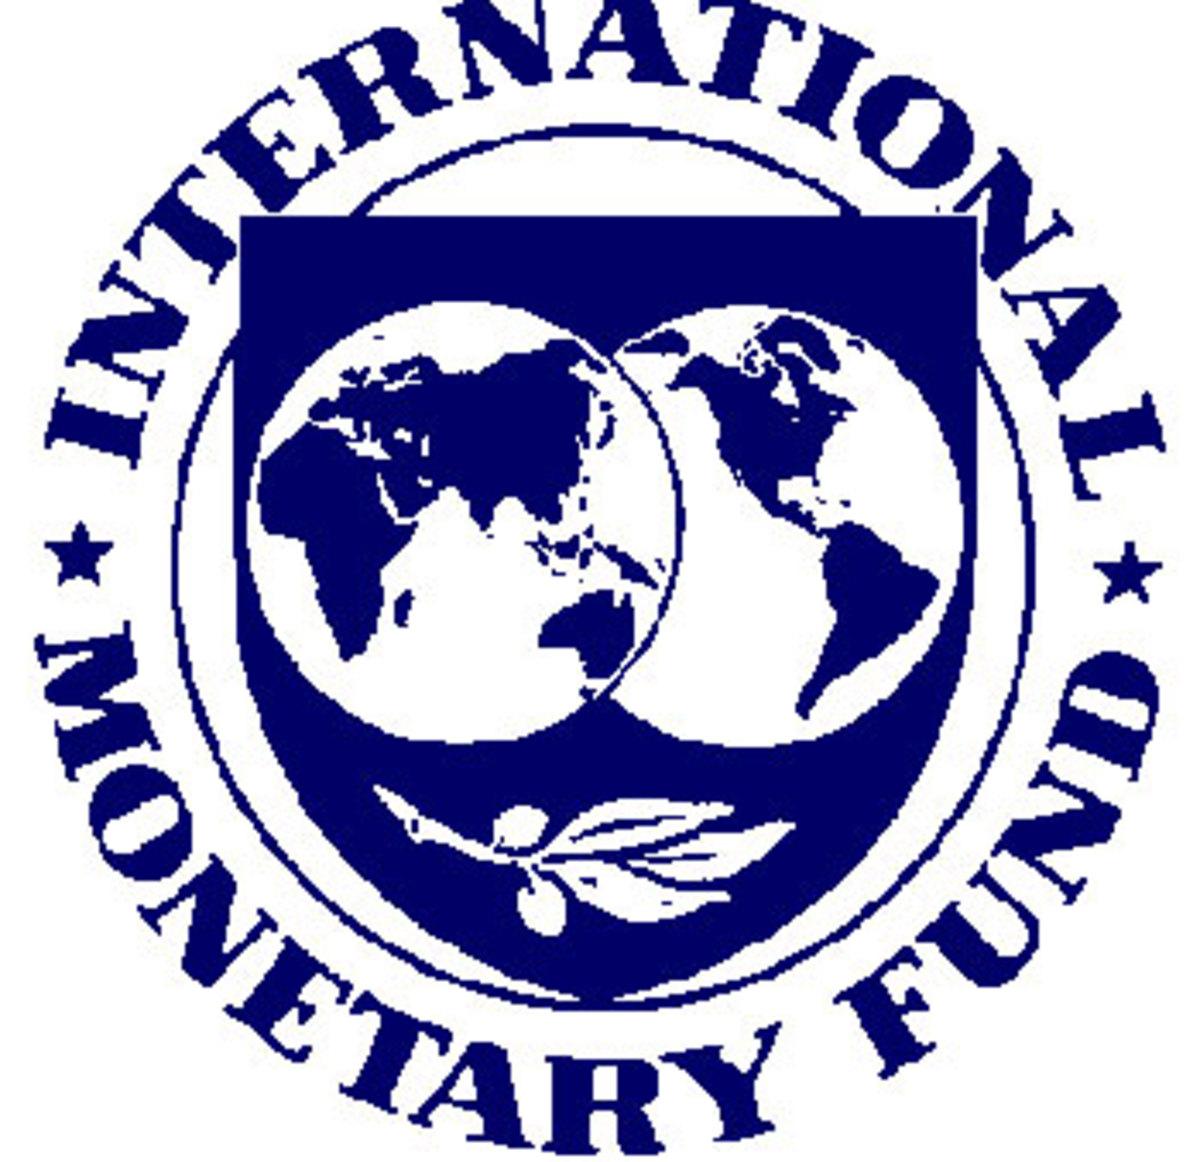 Στάση αναμονής από το ΔΝΤ | Newsit.gr